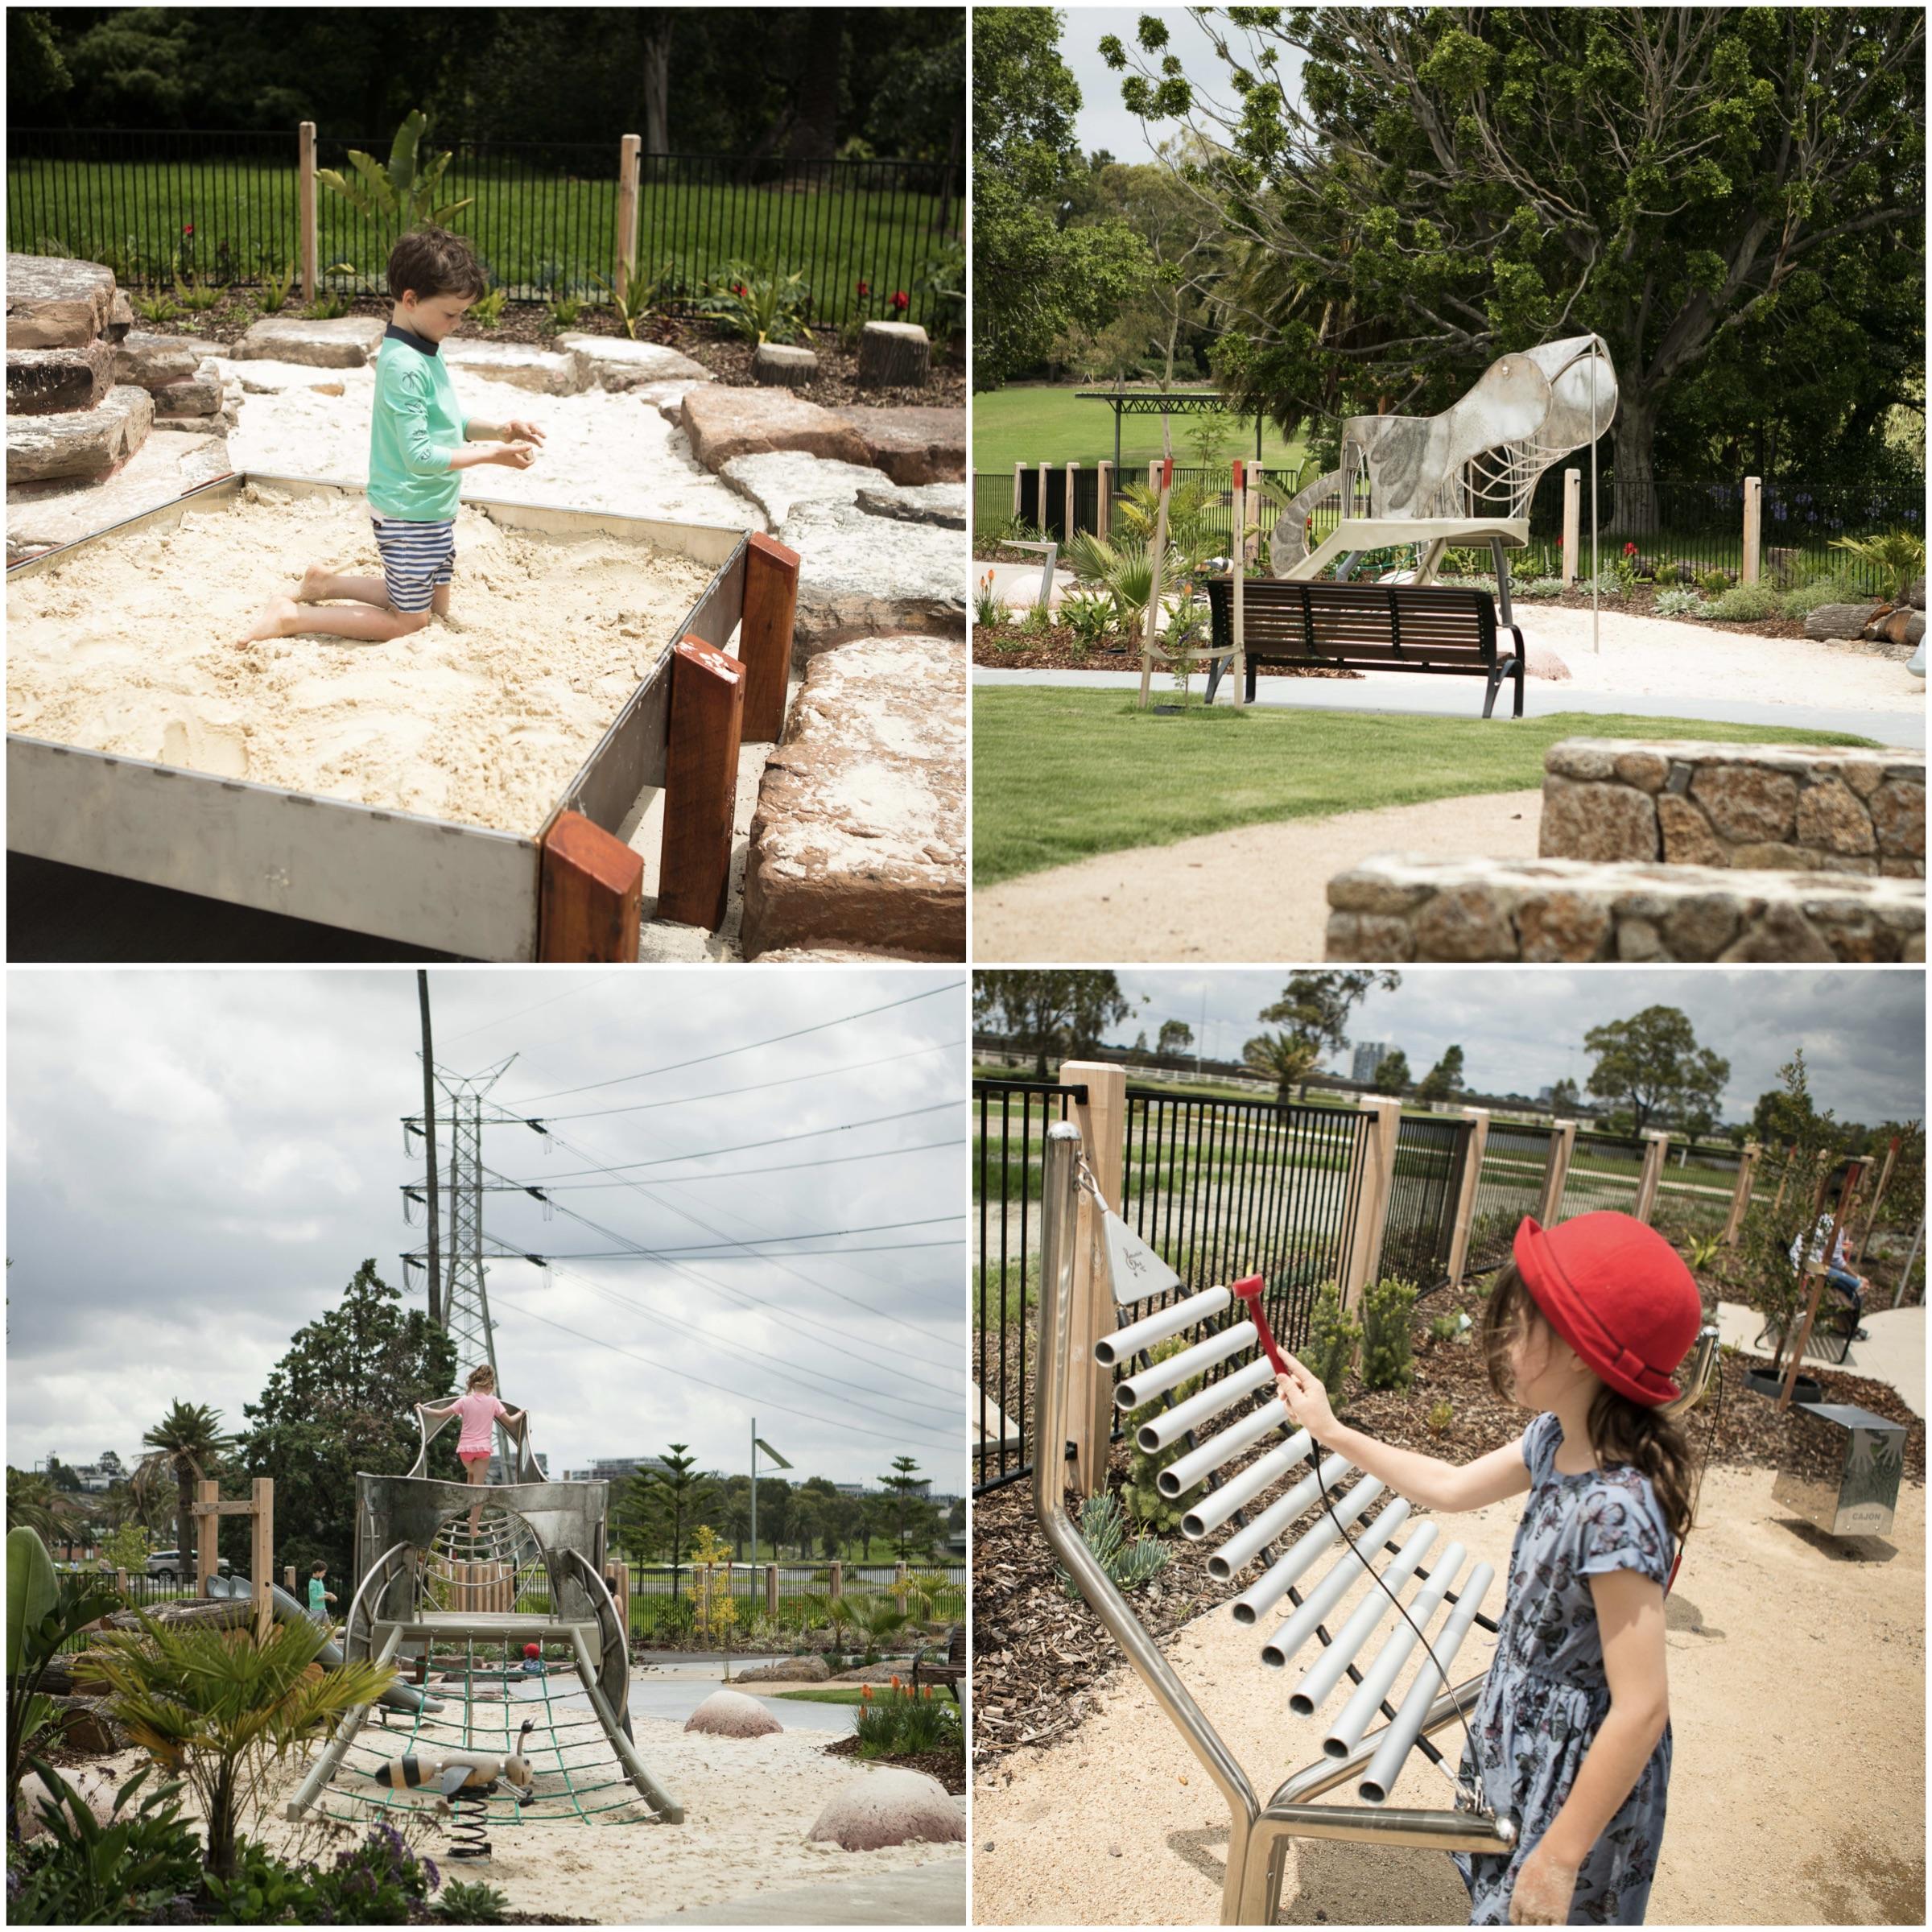 footscray park 1.jpg